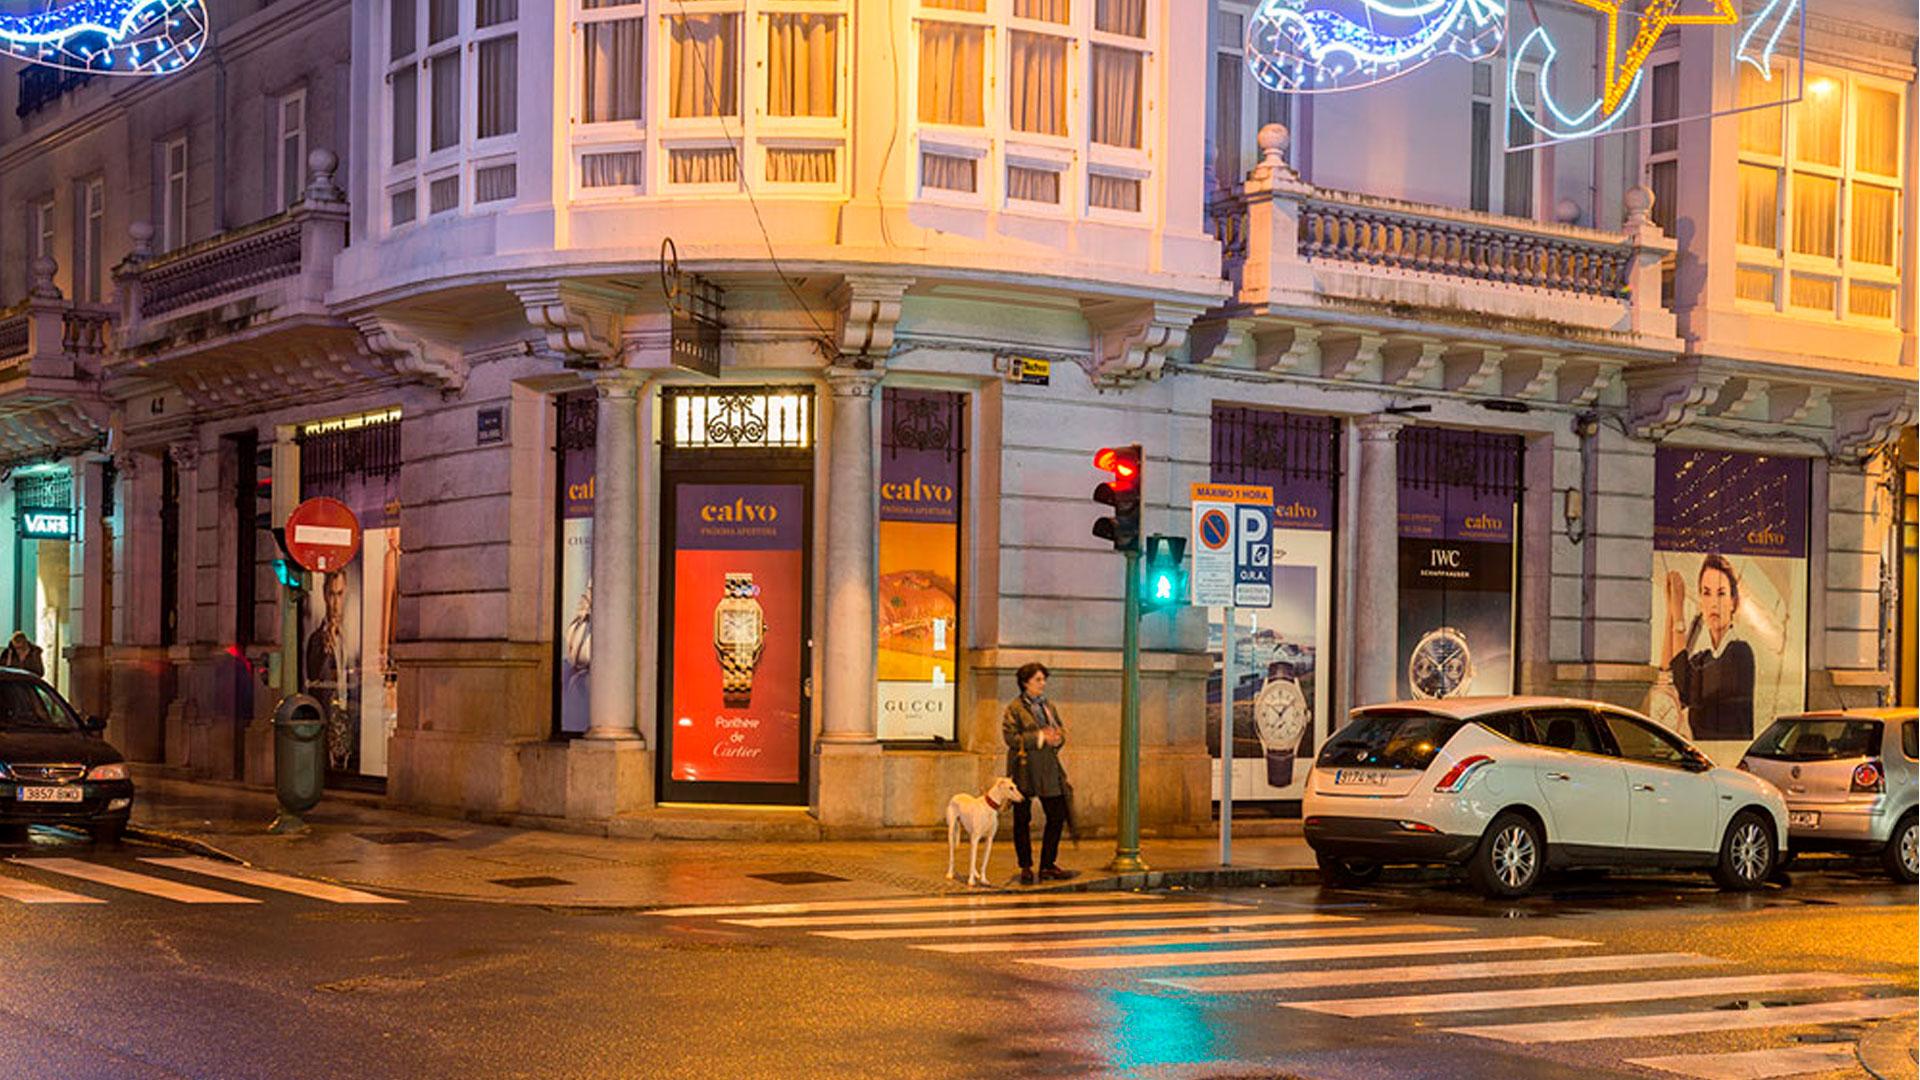 Próximamente Joyería Calvo en La Plaza de Lugo de La Coruña